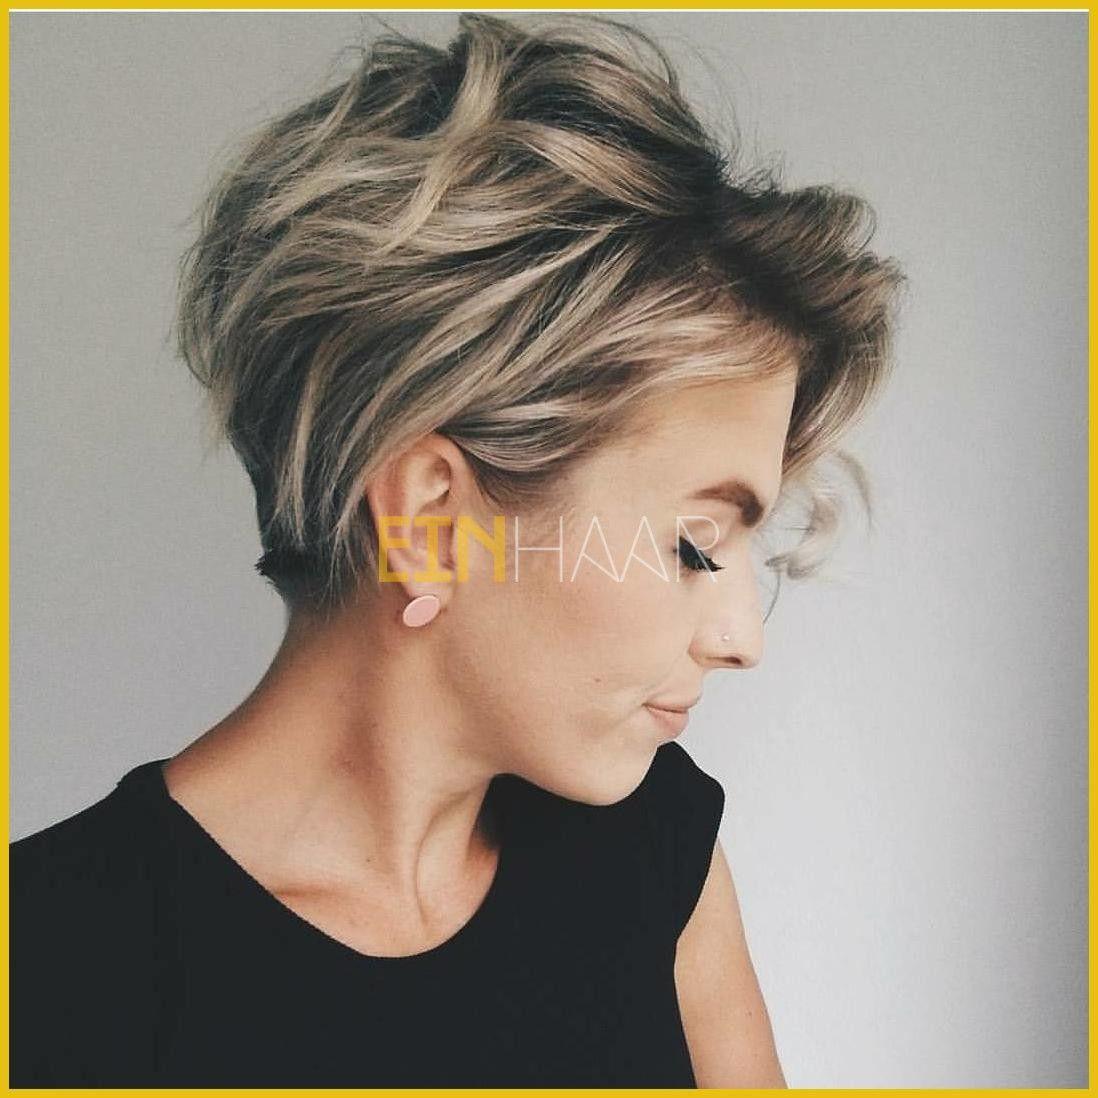 10 Neue Trendige Kurzhaarschnitte 2019 Haarschnitte Kurze Neue